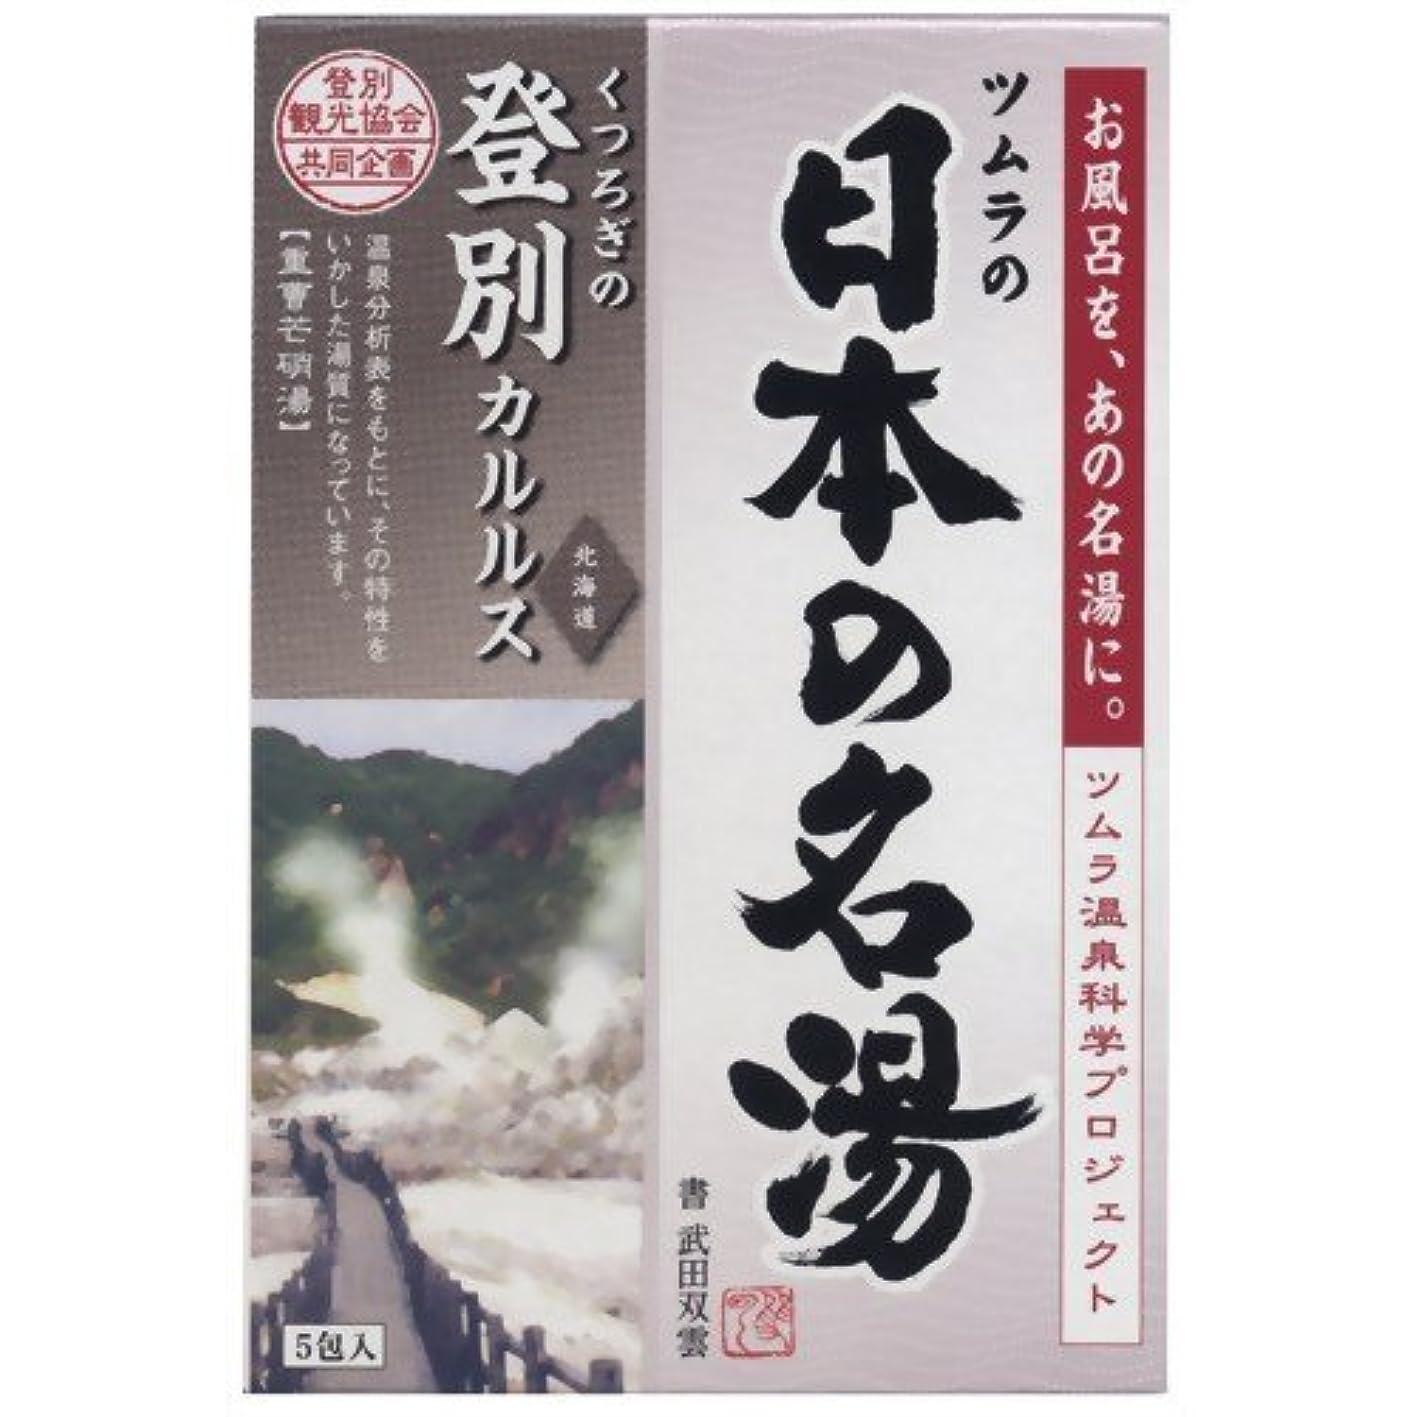 テクニカルマングル監査日本の名湯 登別カルルス30g 5包入り にごりタイプ 入浴剤 (医薬部外品) × 10個セット